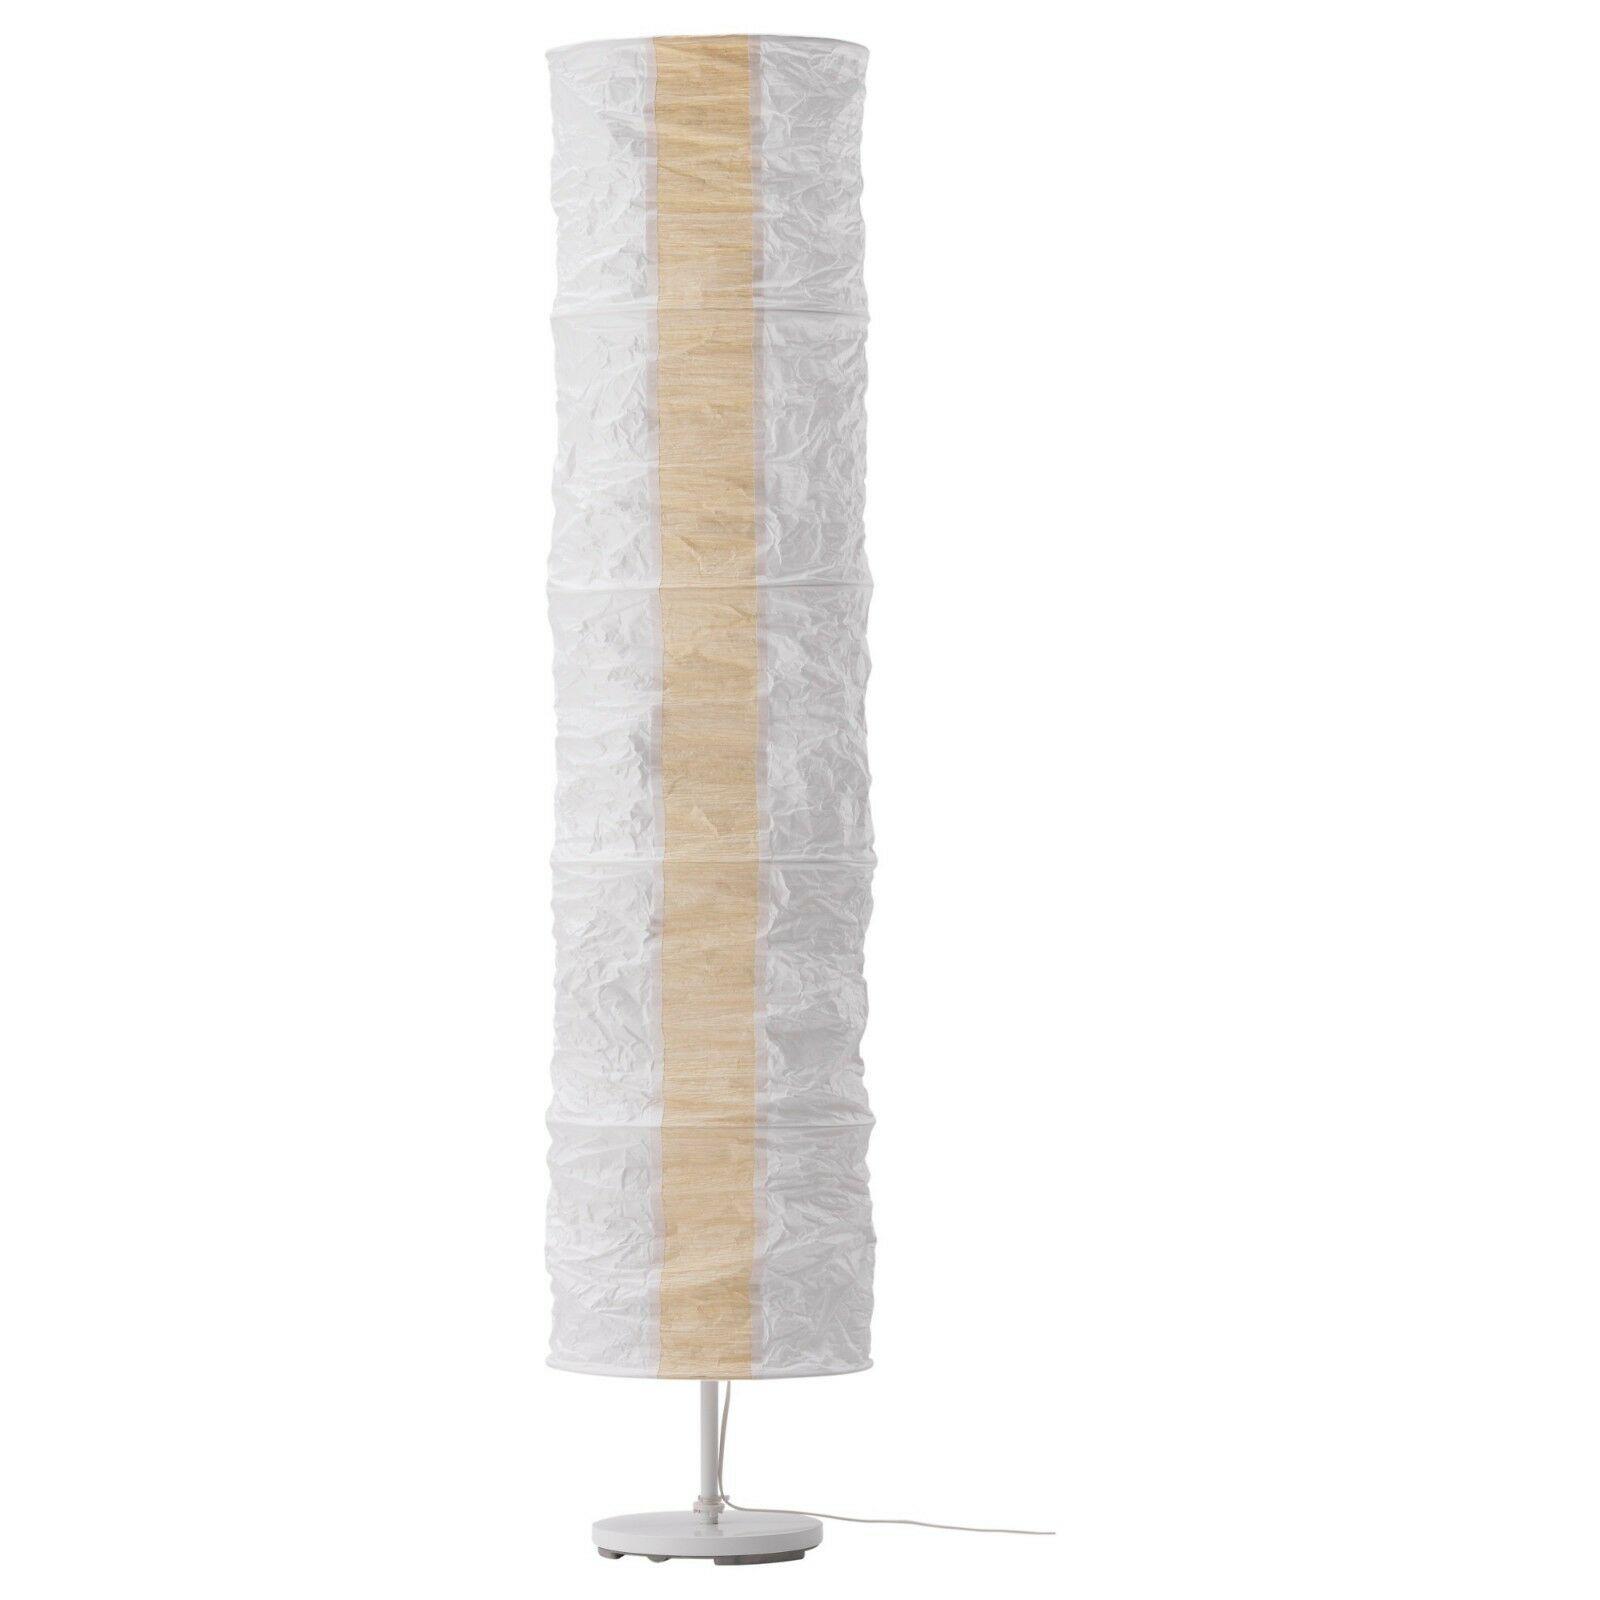 Full Size of Küche Ikea Kosten Esstische Holz Betten Massivholz 160x200 Holzhäuser Garten Regal Holztisch Wohnzimmer Stehlampe Stehlampen Modulküche Sofa Mit Wohnzimmer Ikea Stehlampe Holz